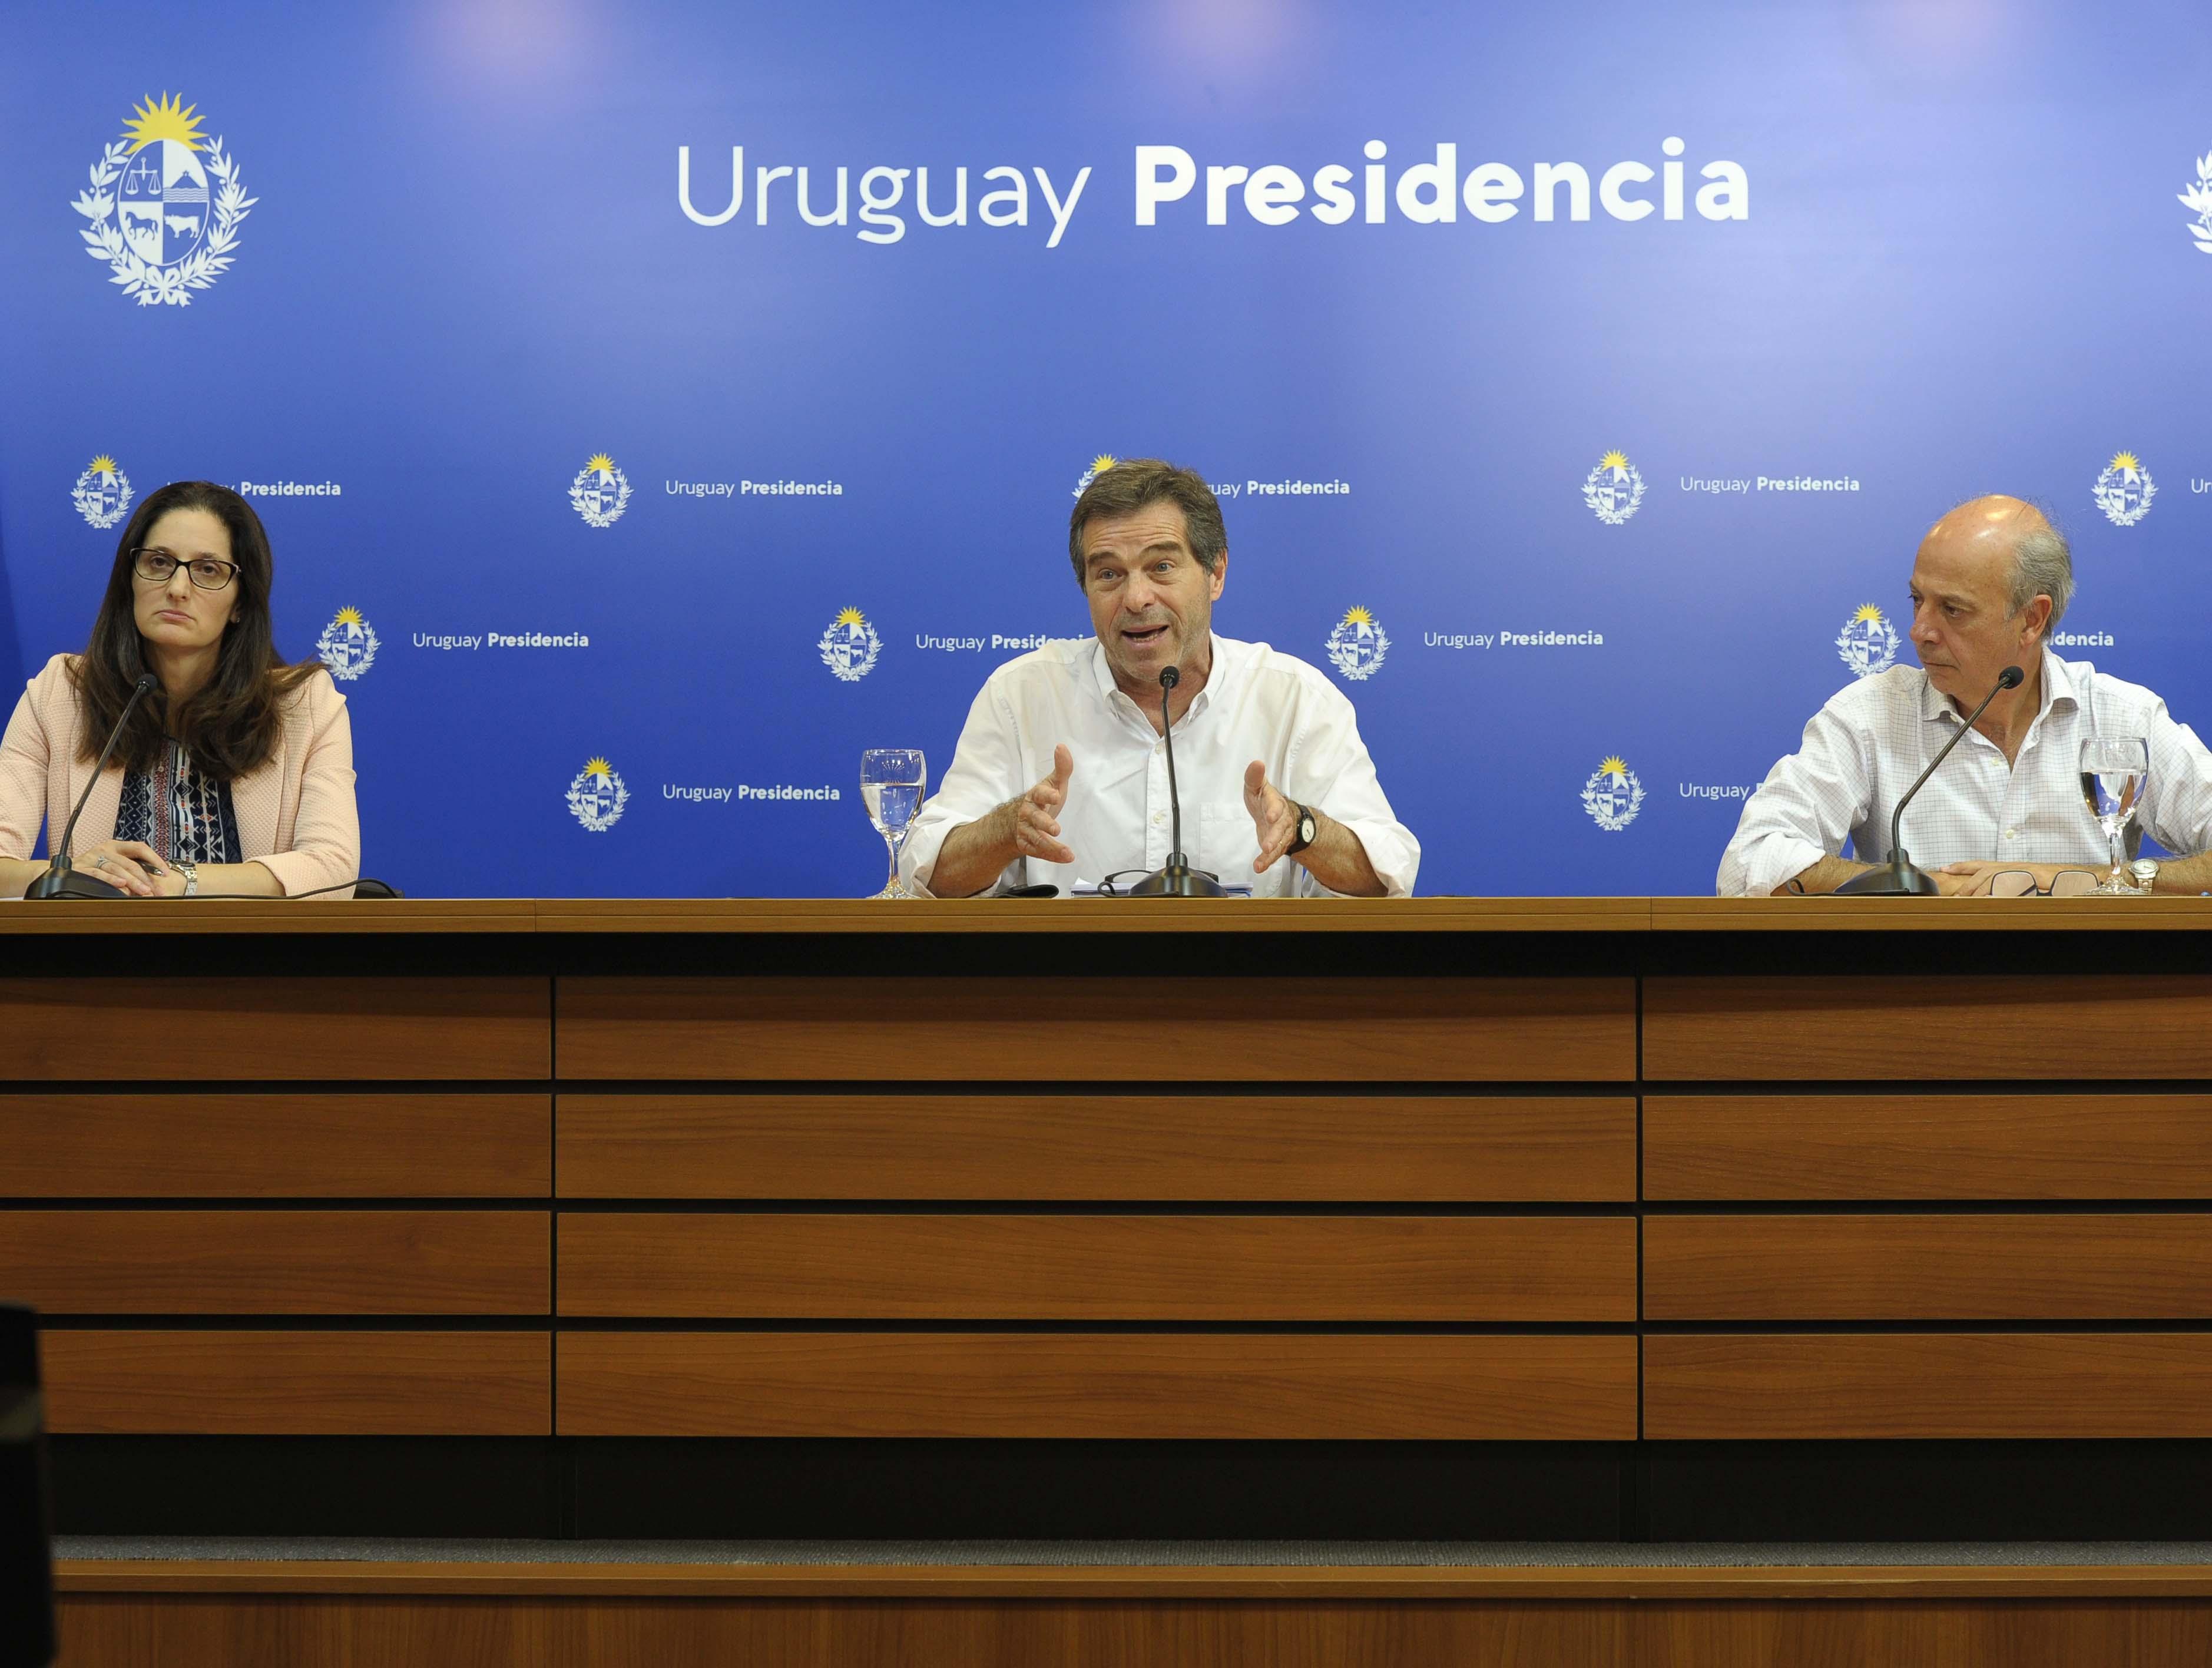 Directora de Protocolo de la Cancillería, Flavia Pisani, canciller Ernesto Talvi y ministro de Defensa, Javier García